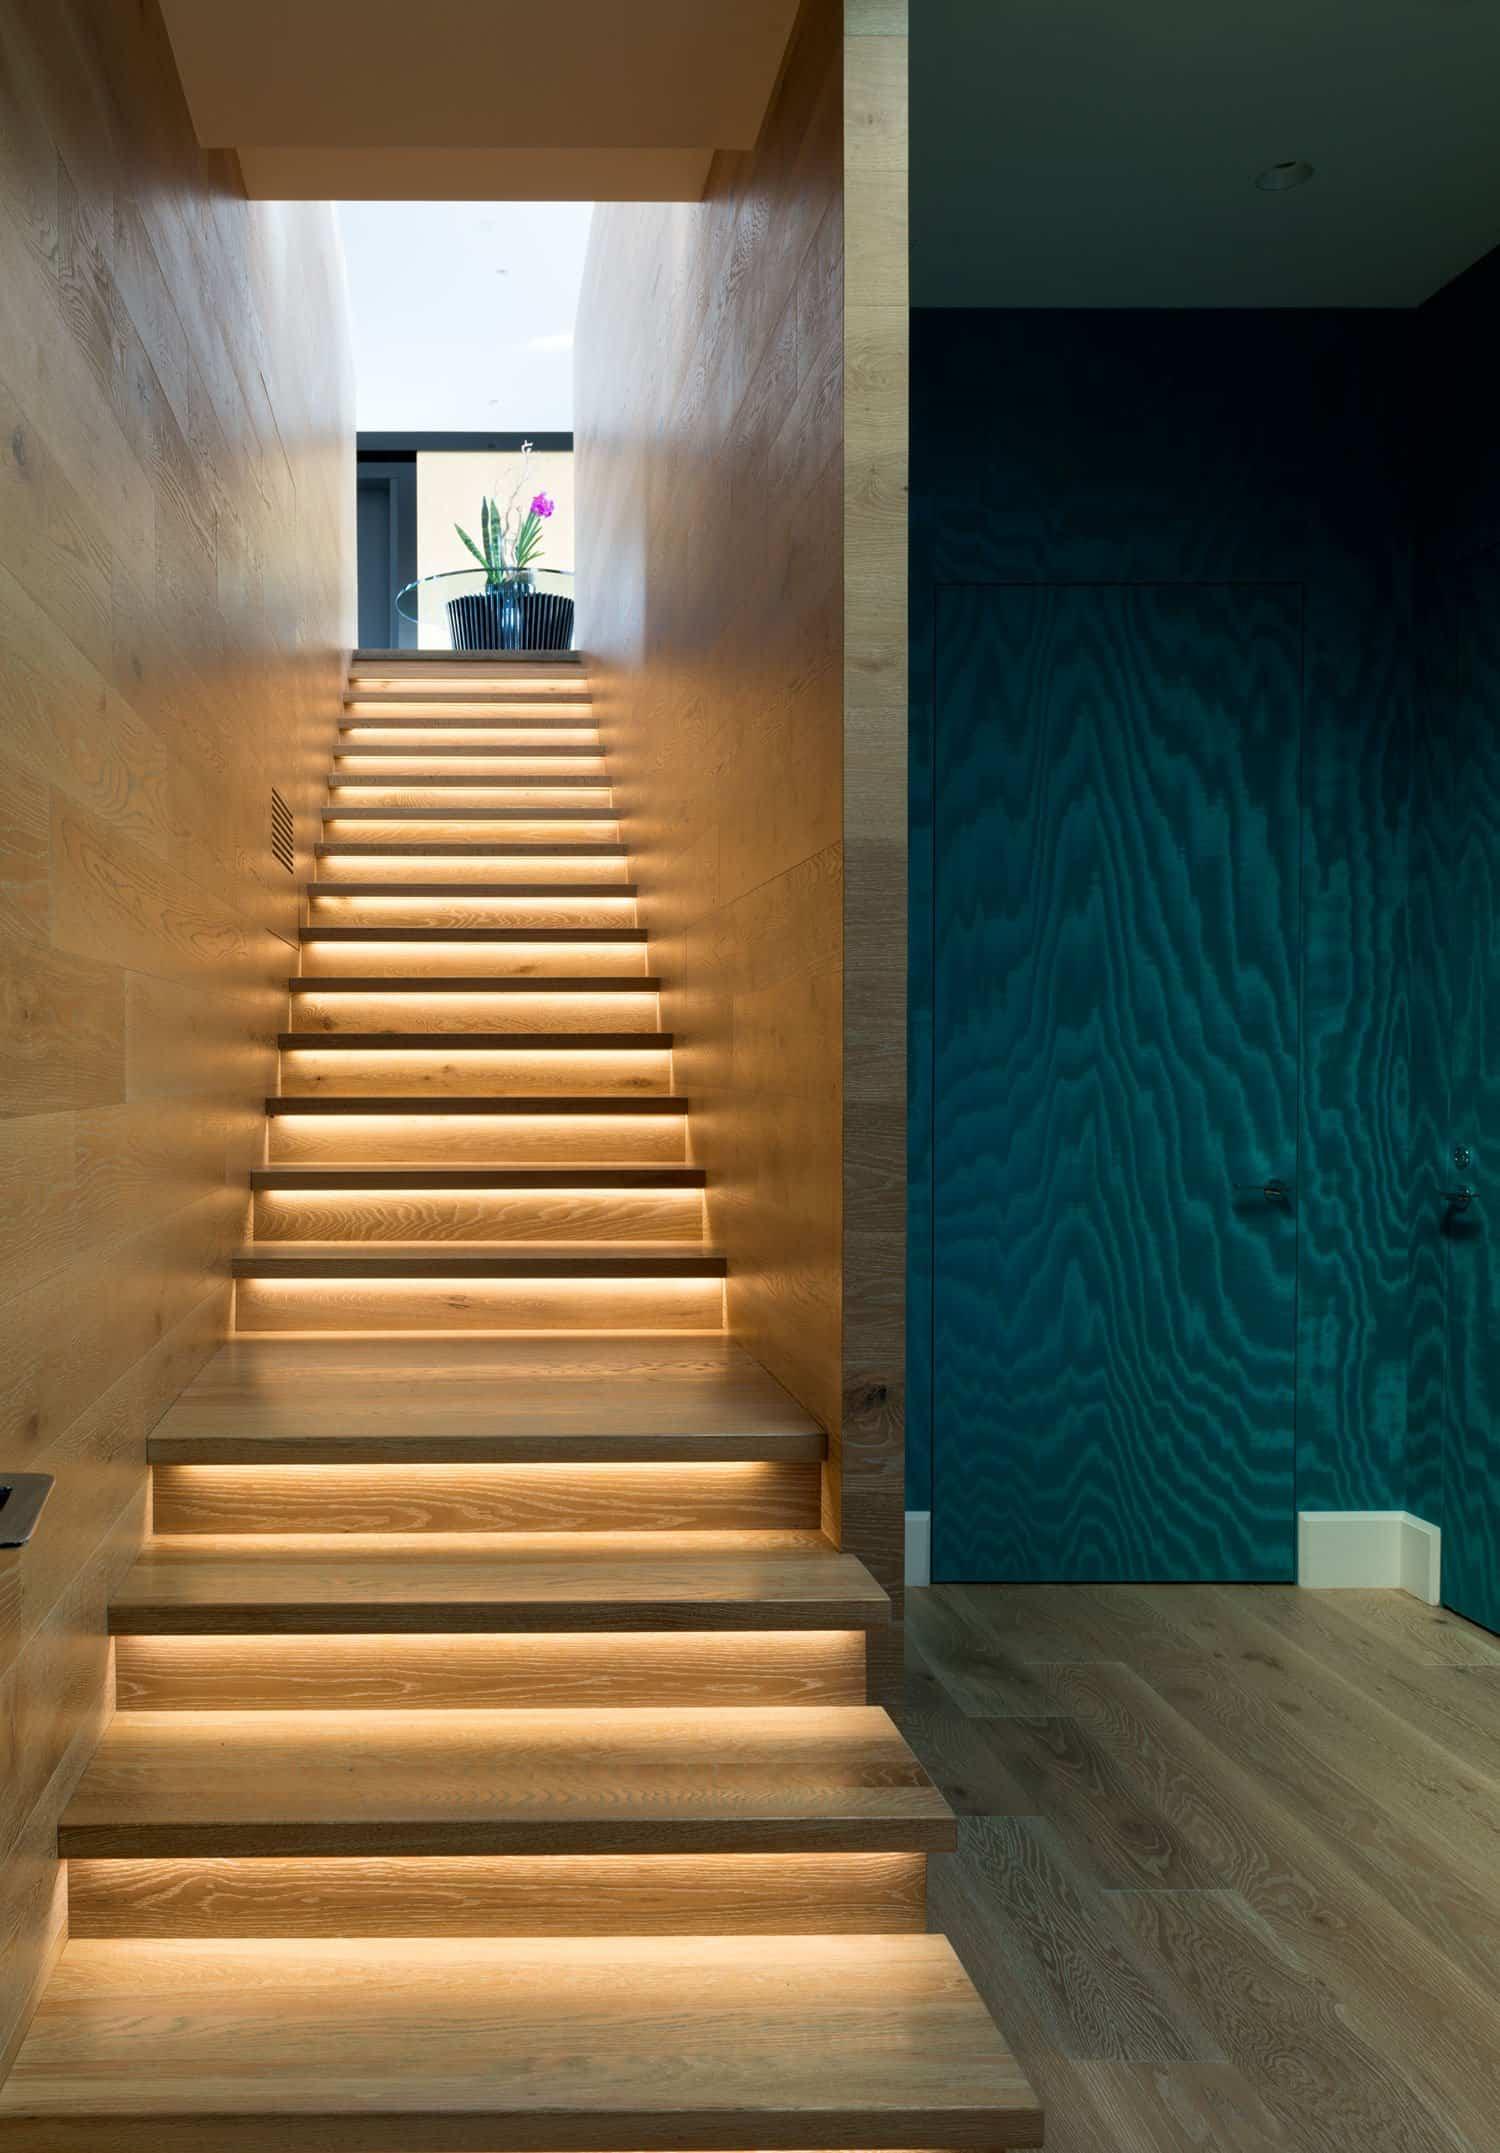 Residencia familiar - dos escaleras para moverse por cada piso